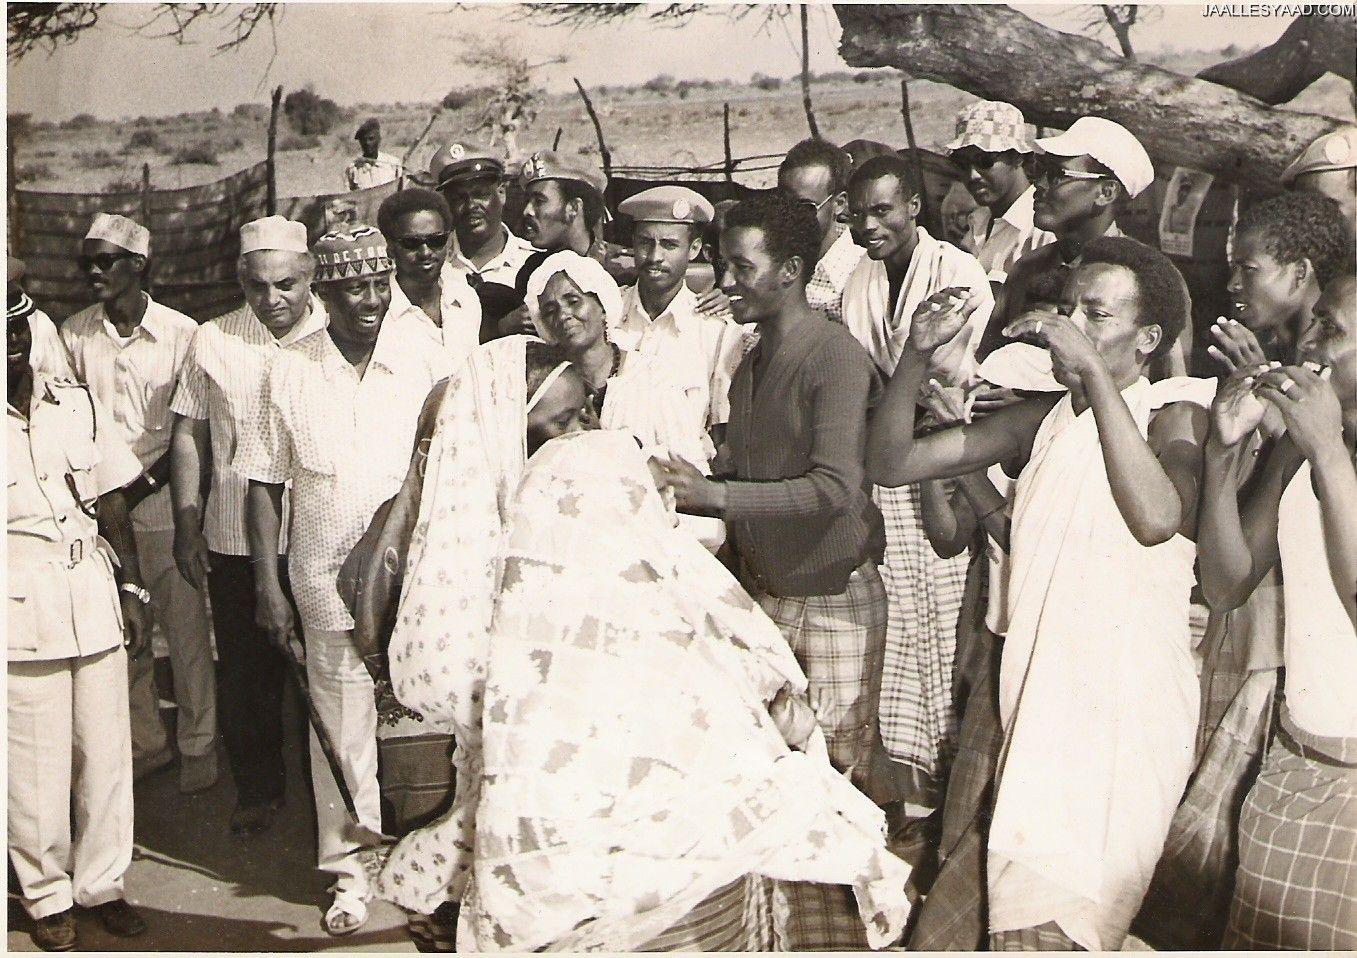 Somali Dhuuqmo Sawiro: Somali President Jaalle Maxamed Siyaad Barre.